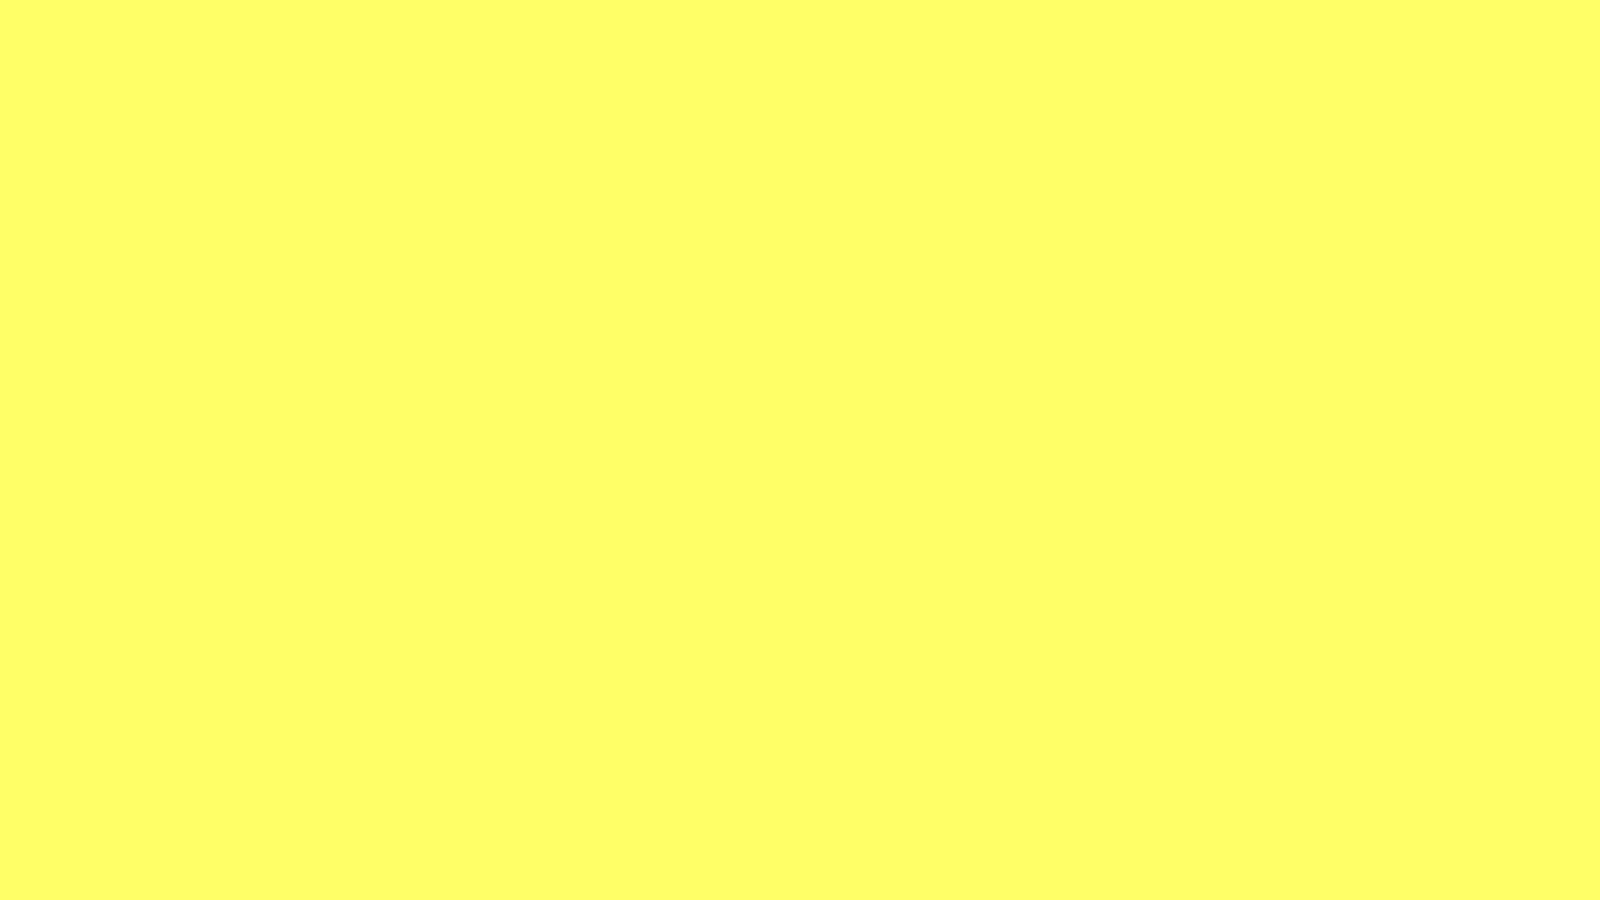 1600x900 Laser Lemon Solid Color Background